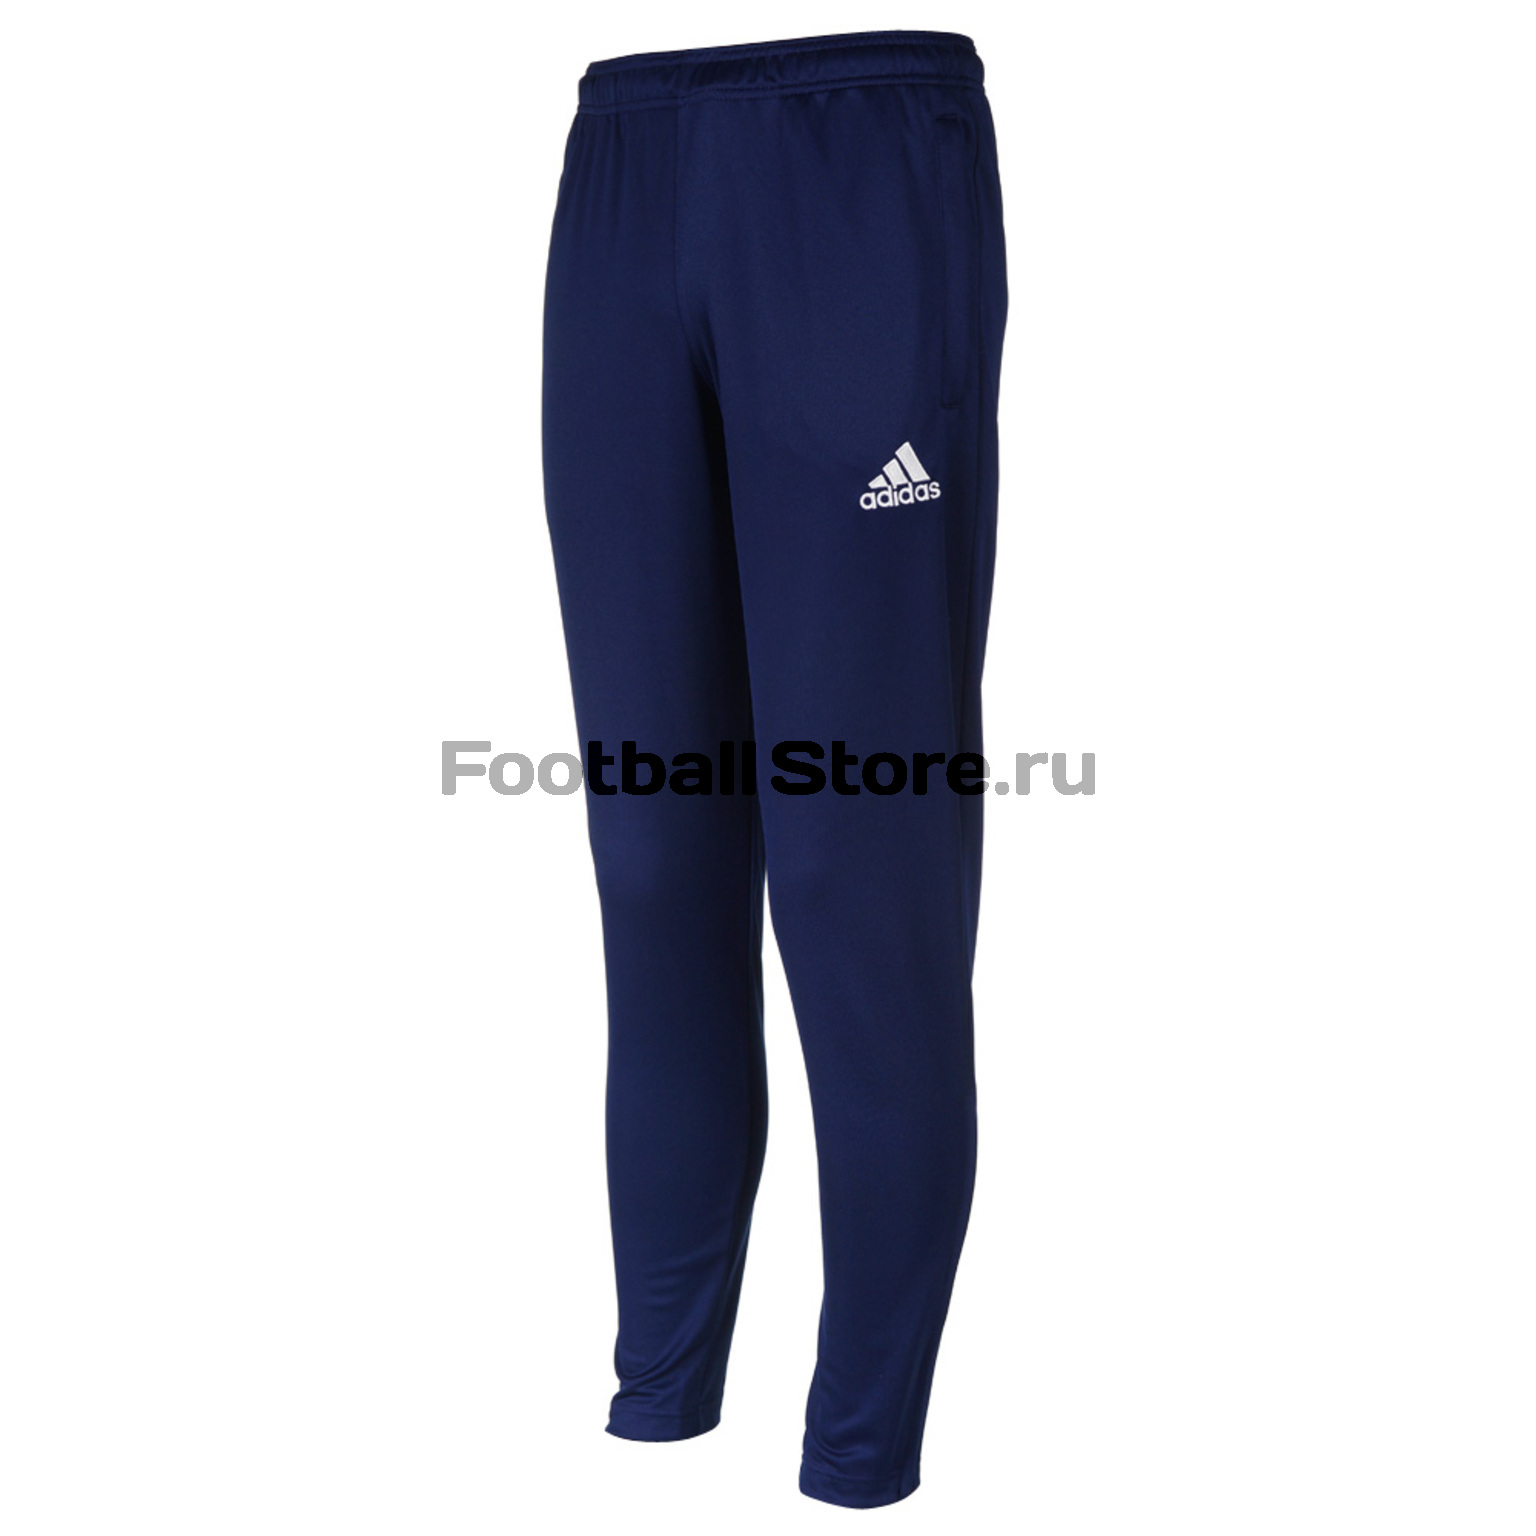 Adidas Брюки тренировочные Coref TRG PNT S22404